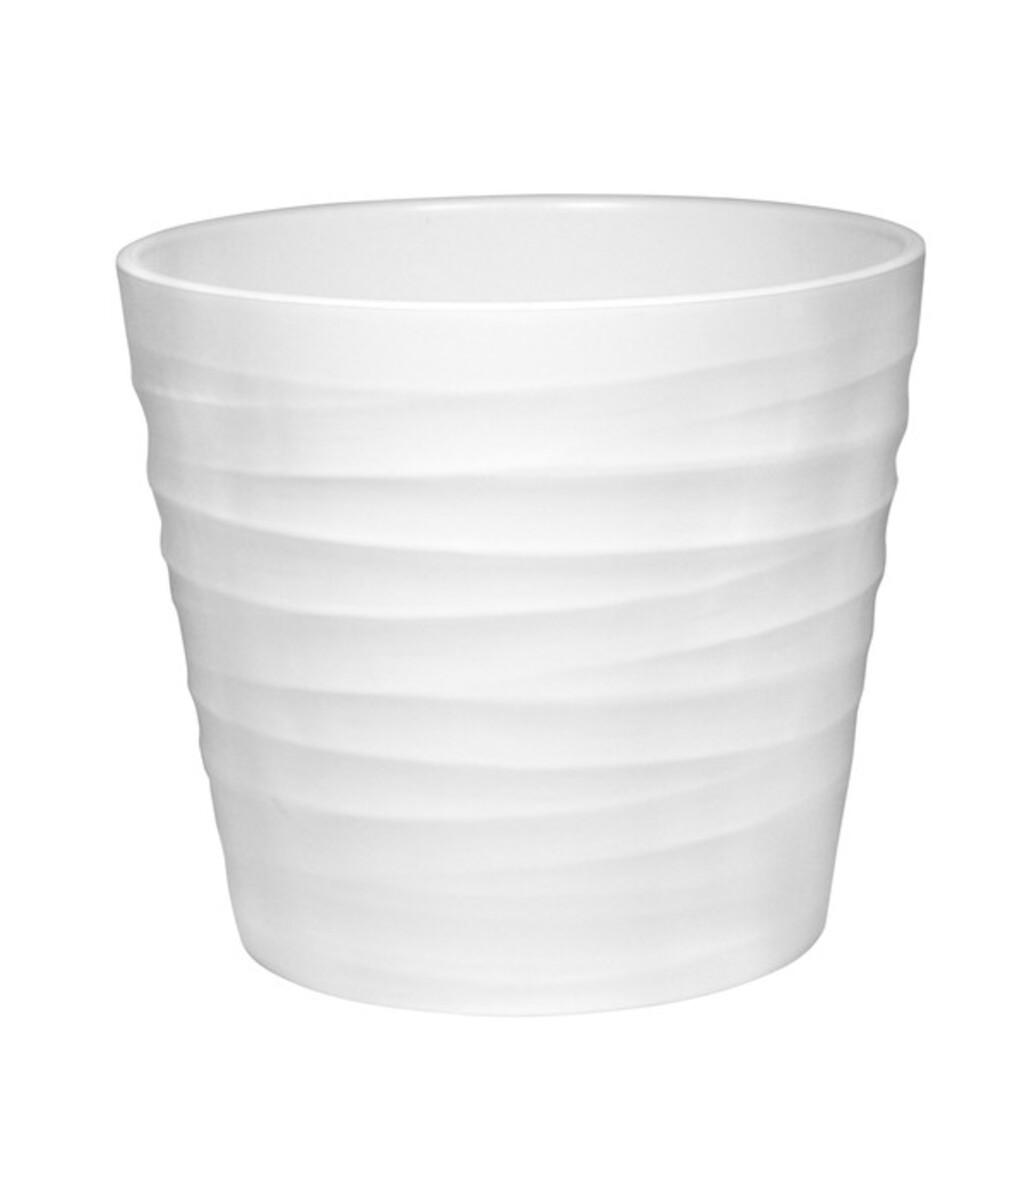 Bild 1 von Topf Wave, weiß matt, Ø 12 cm